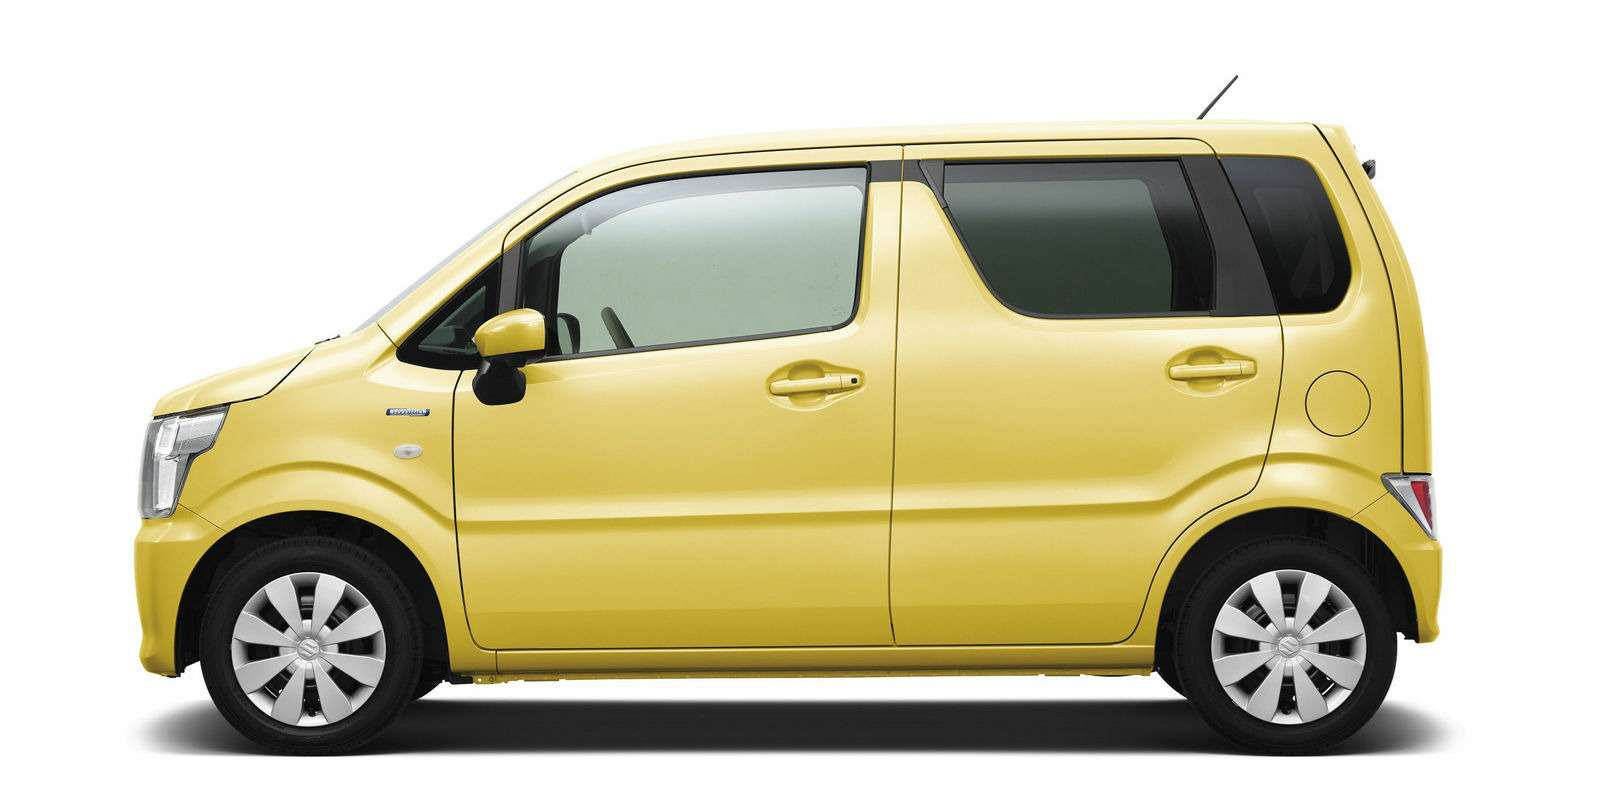 Новый Suzuki Wagon R: слюбовью кАмерике— фото 701842